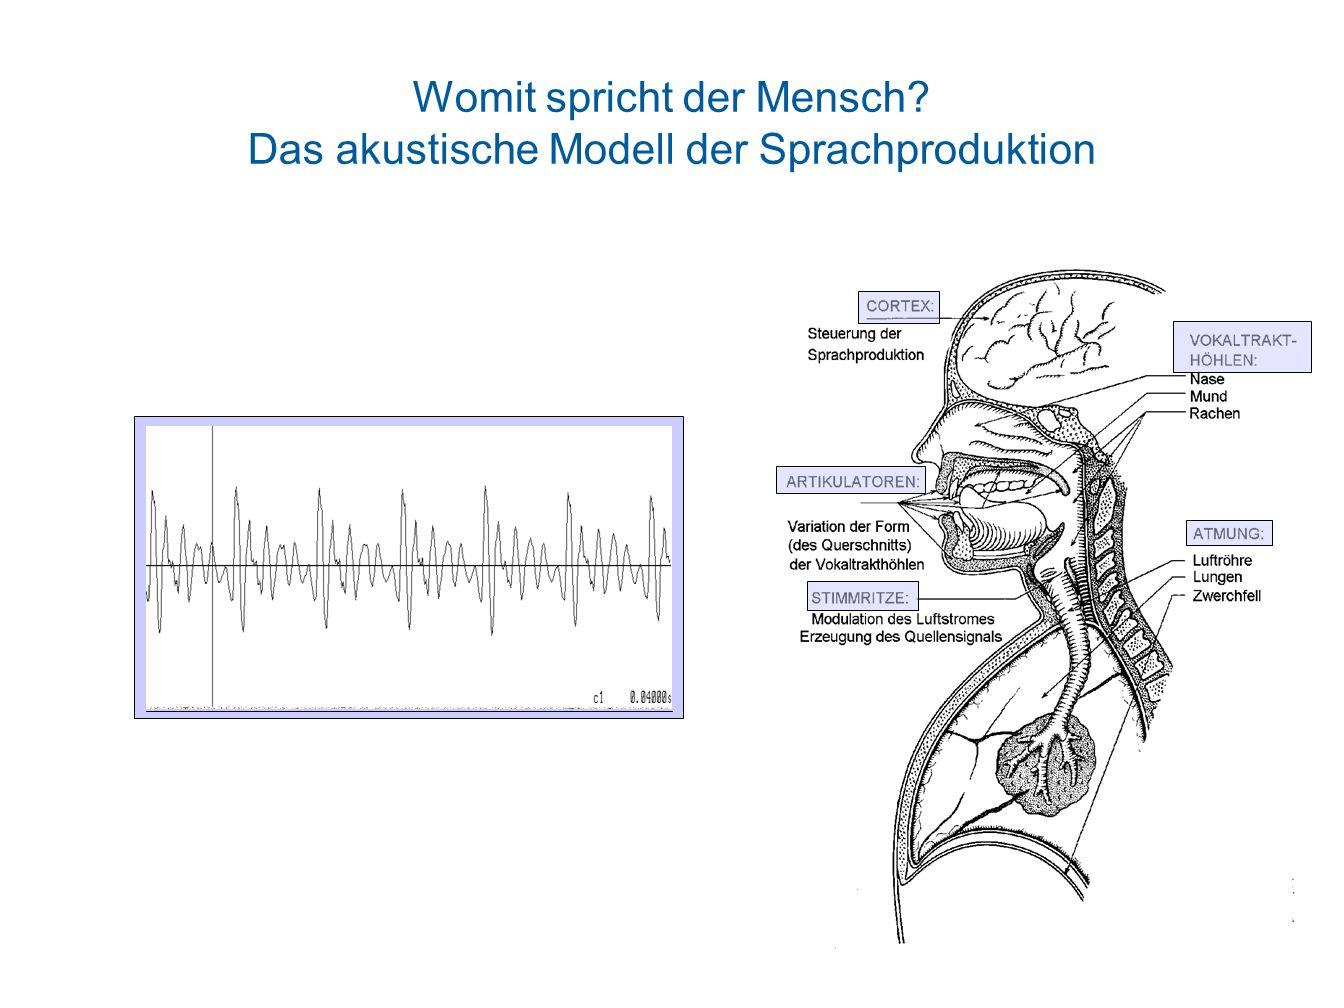 Womit spricht der Mensch? Das akustische Modell der Sprachproduktion